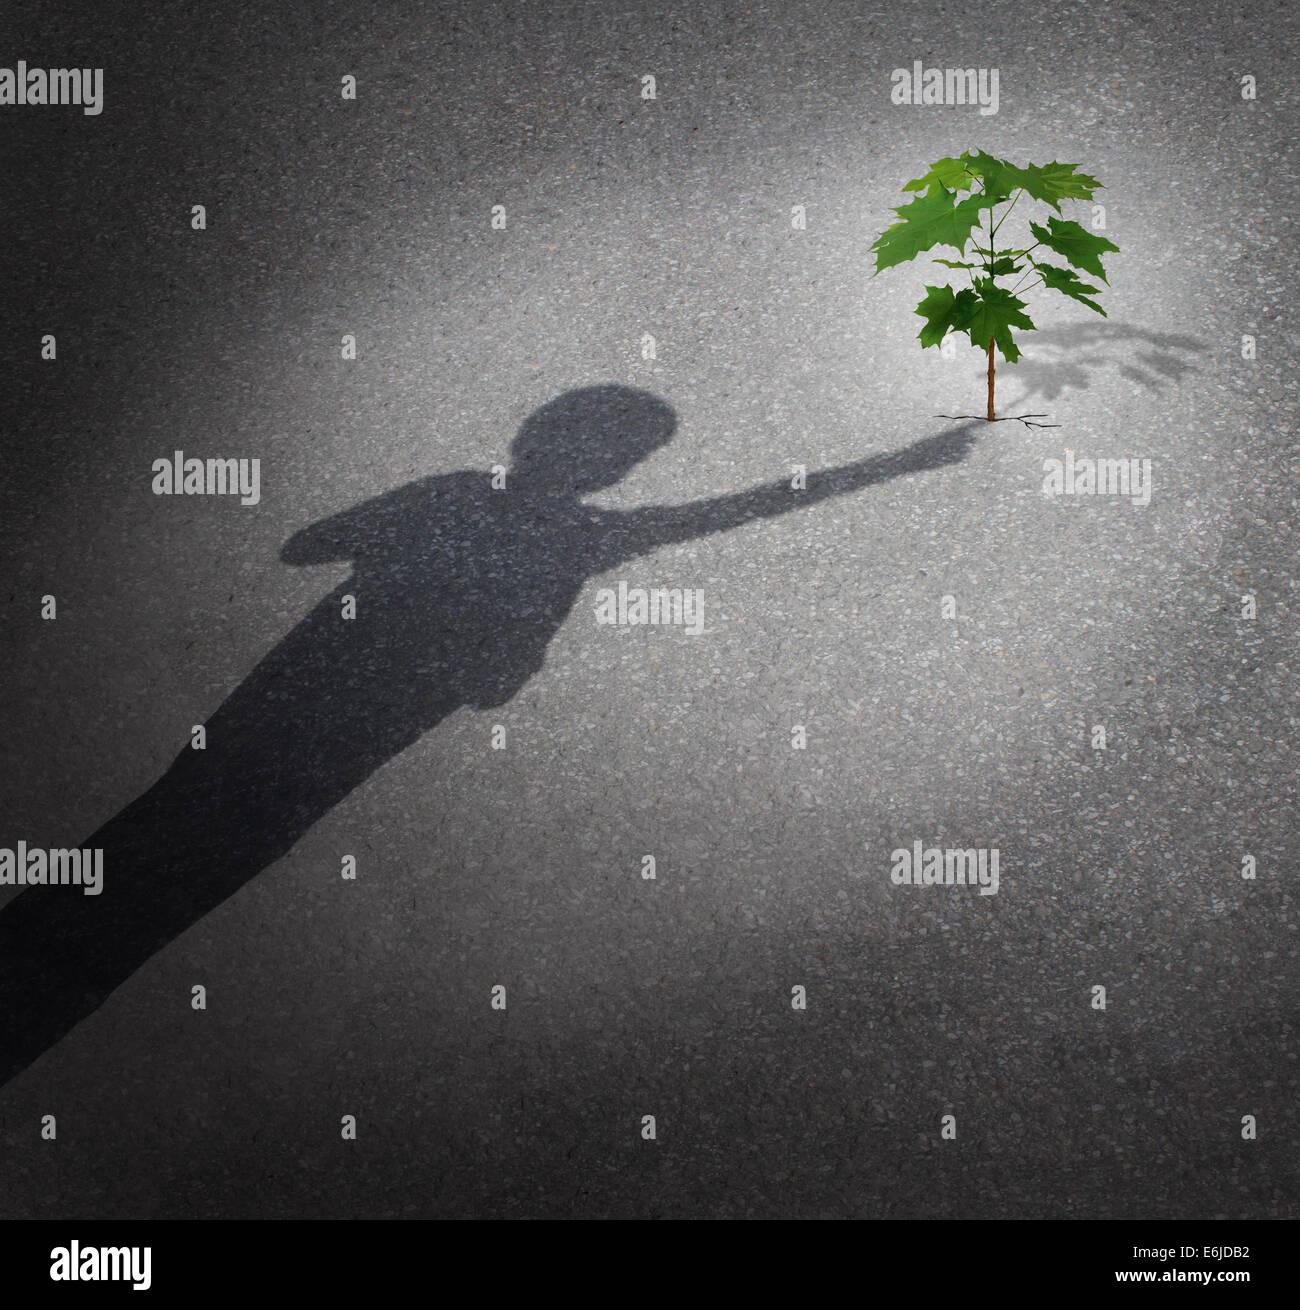 La vie et l'espoir qu'un concept se développer avec l'ombre d'un enfant de toucher un arbre Photo Stock